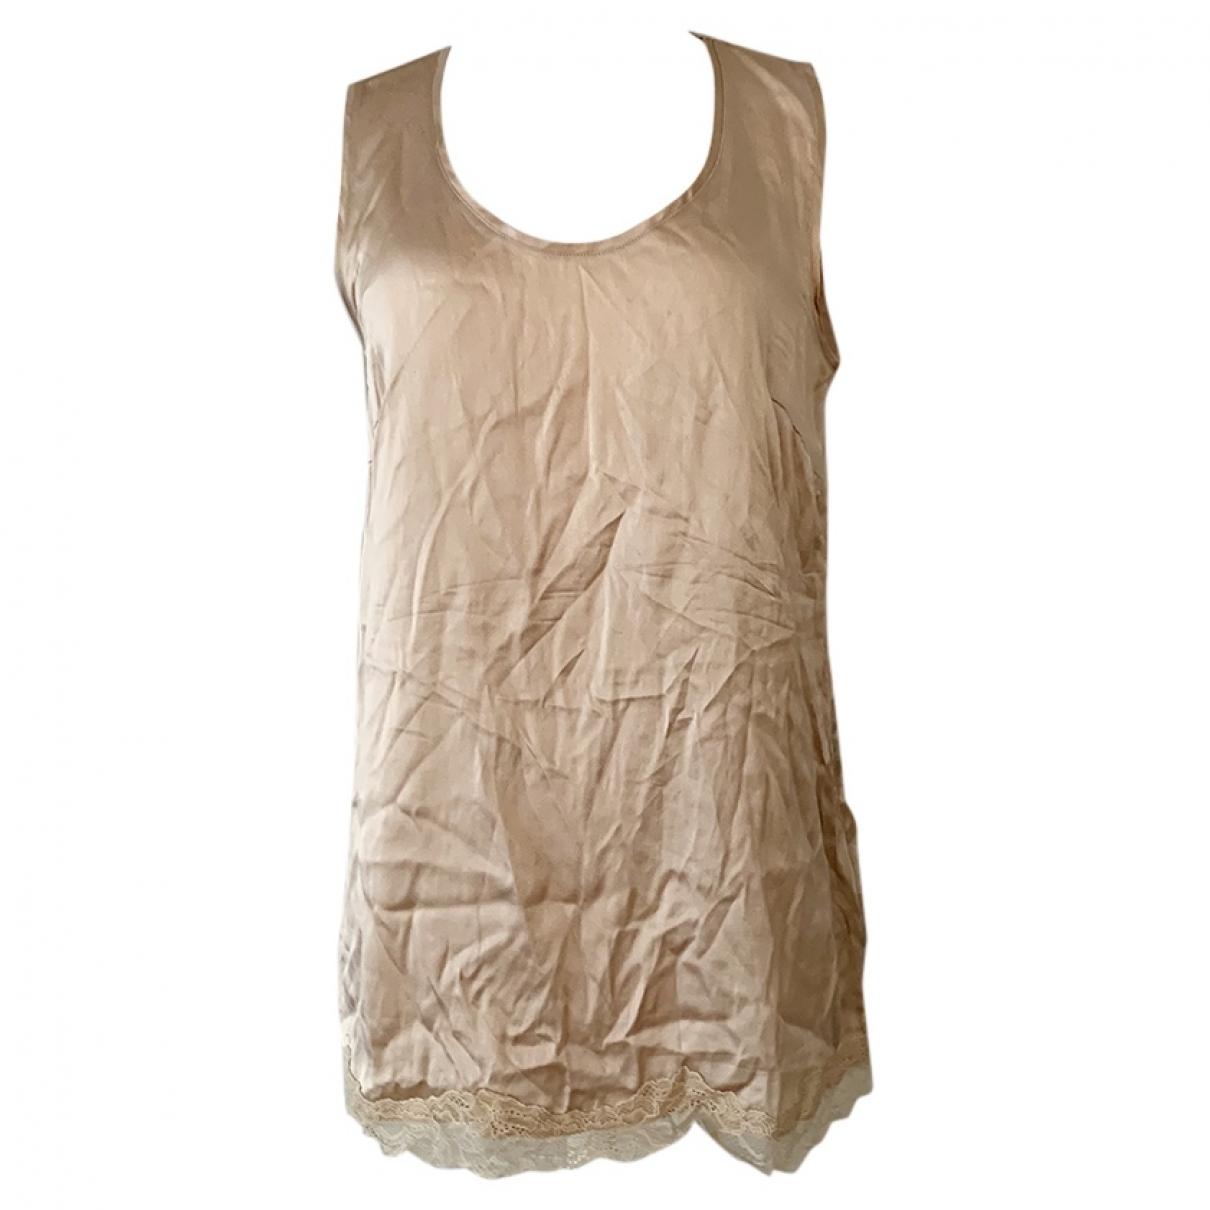 Falconeri - Top   pour femme en soie - beige